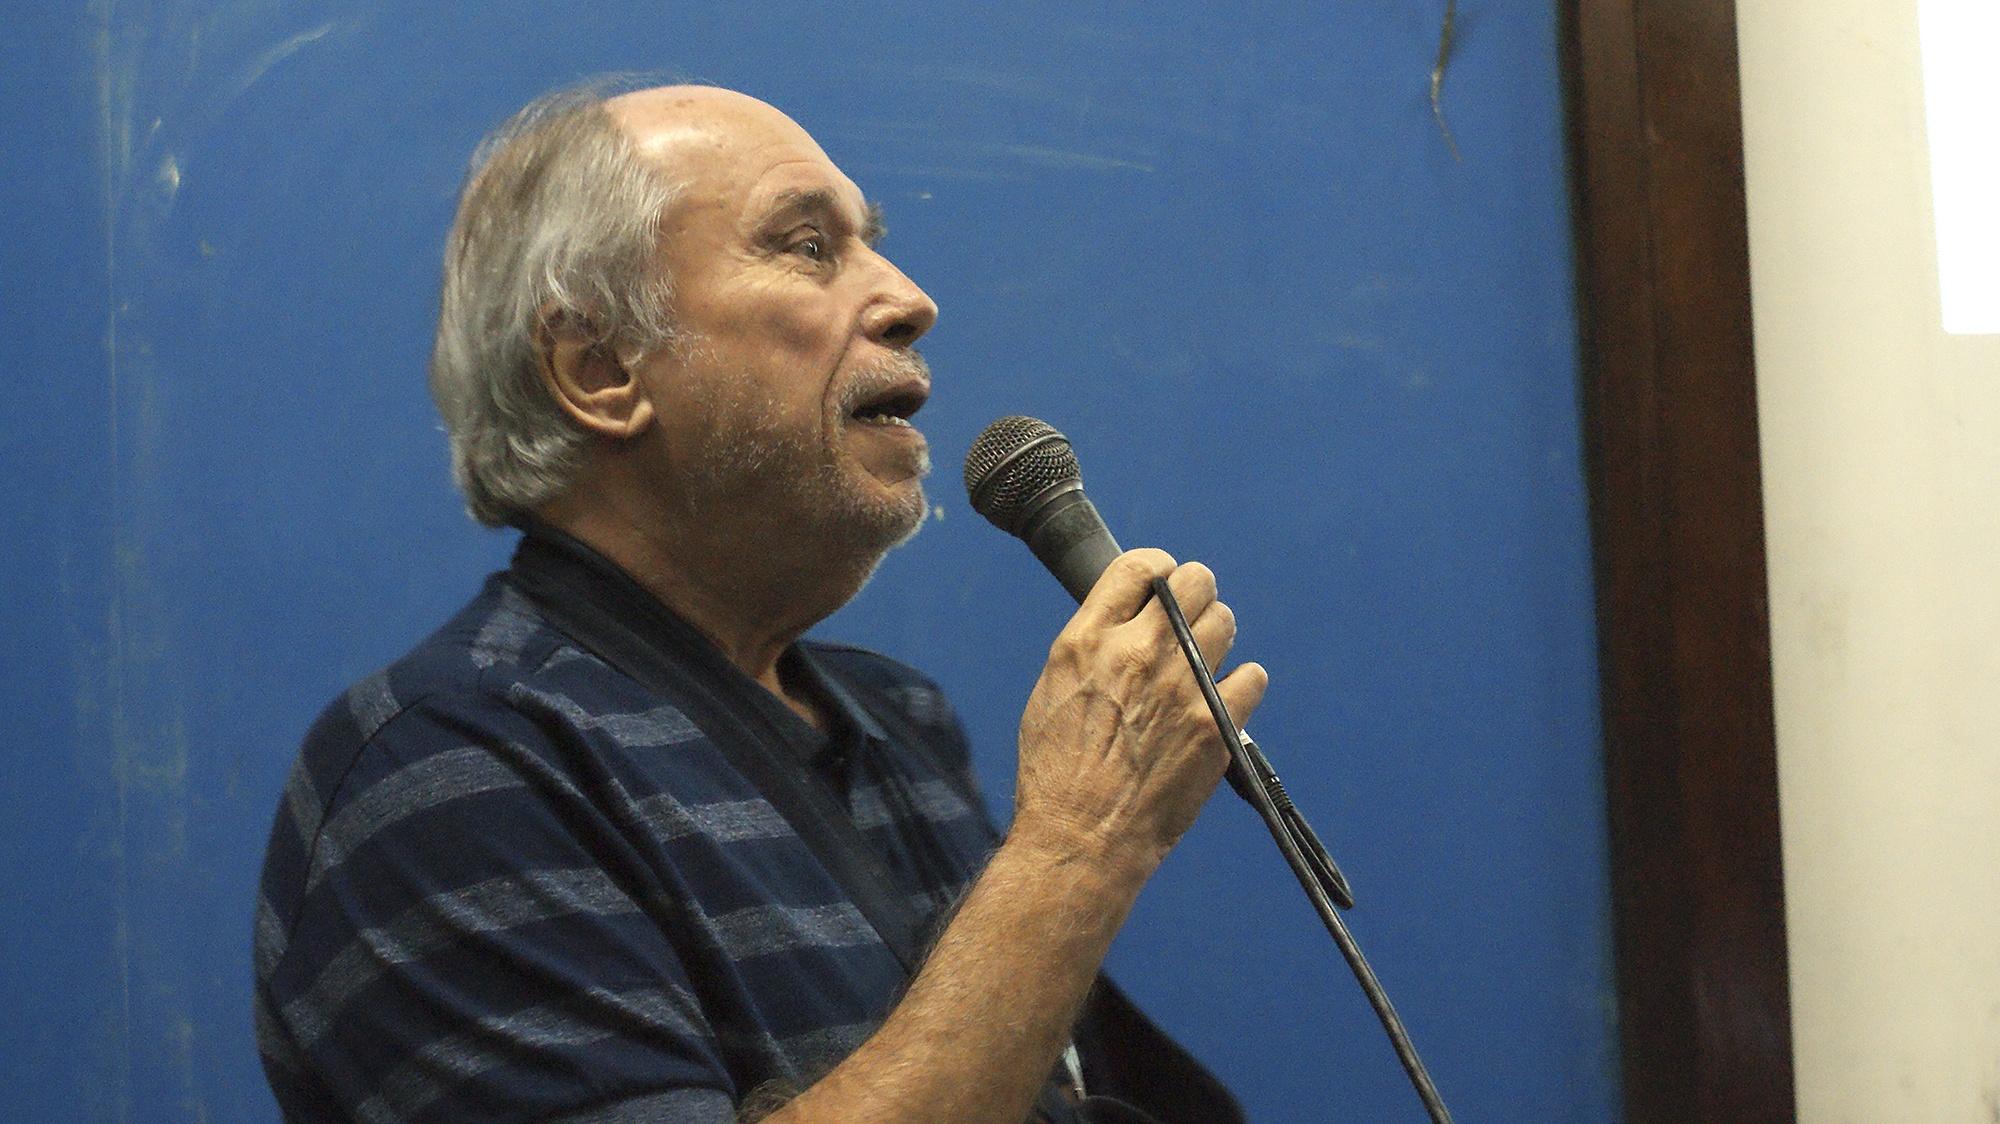 Reinaldo Guimarães